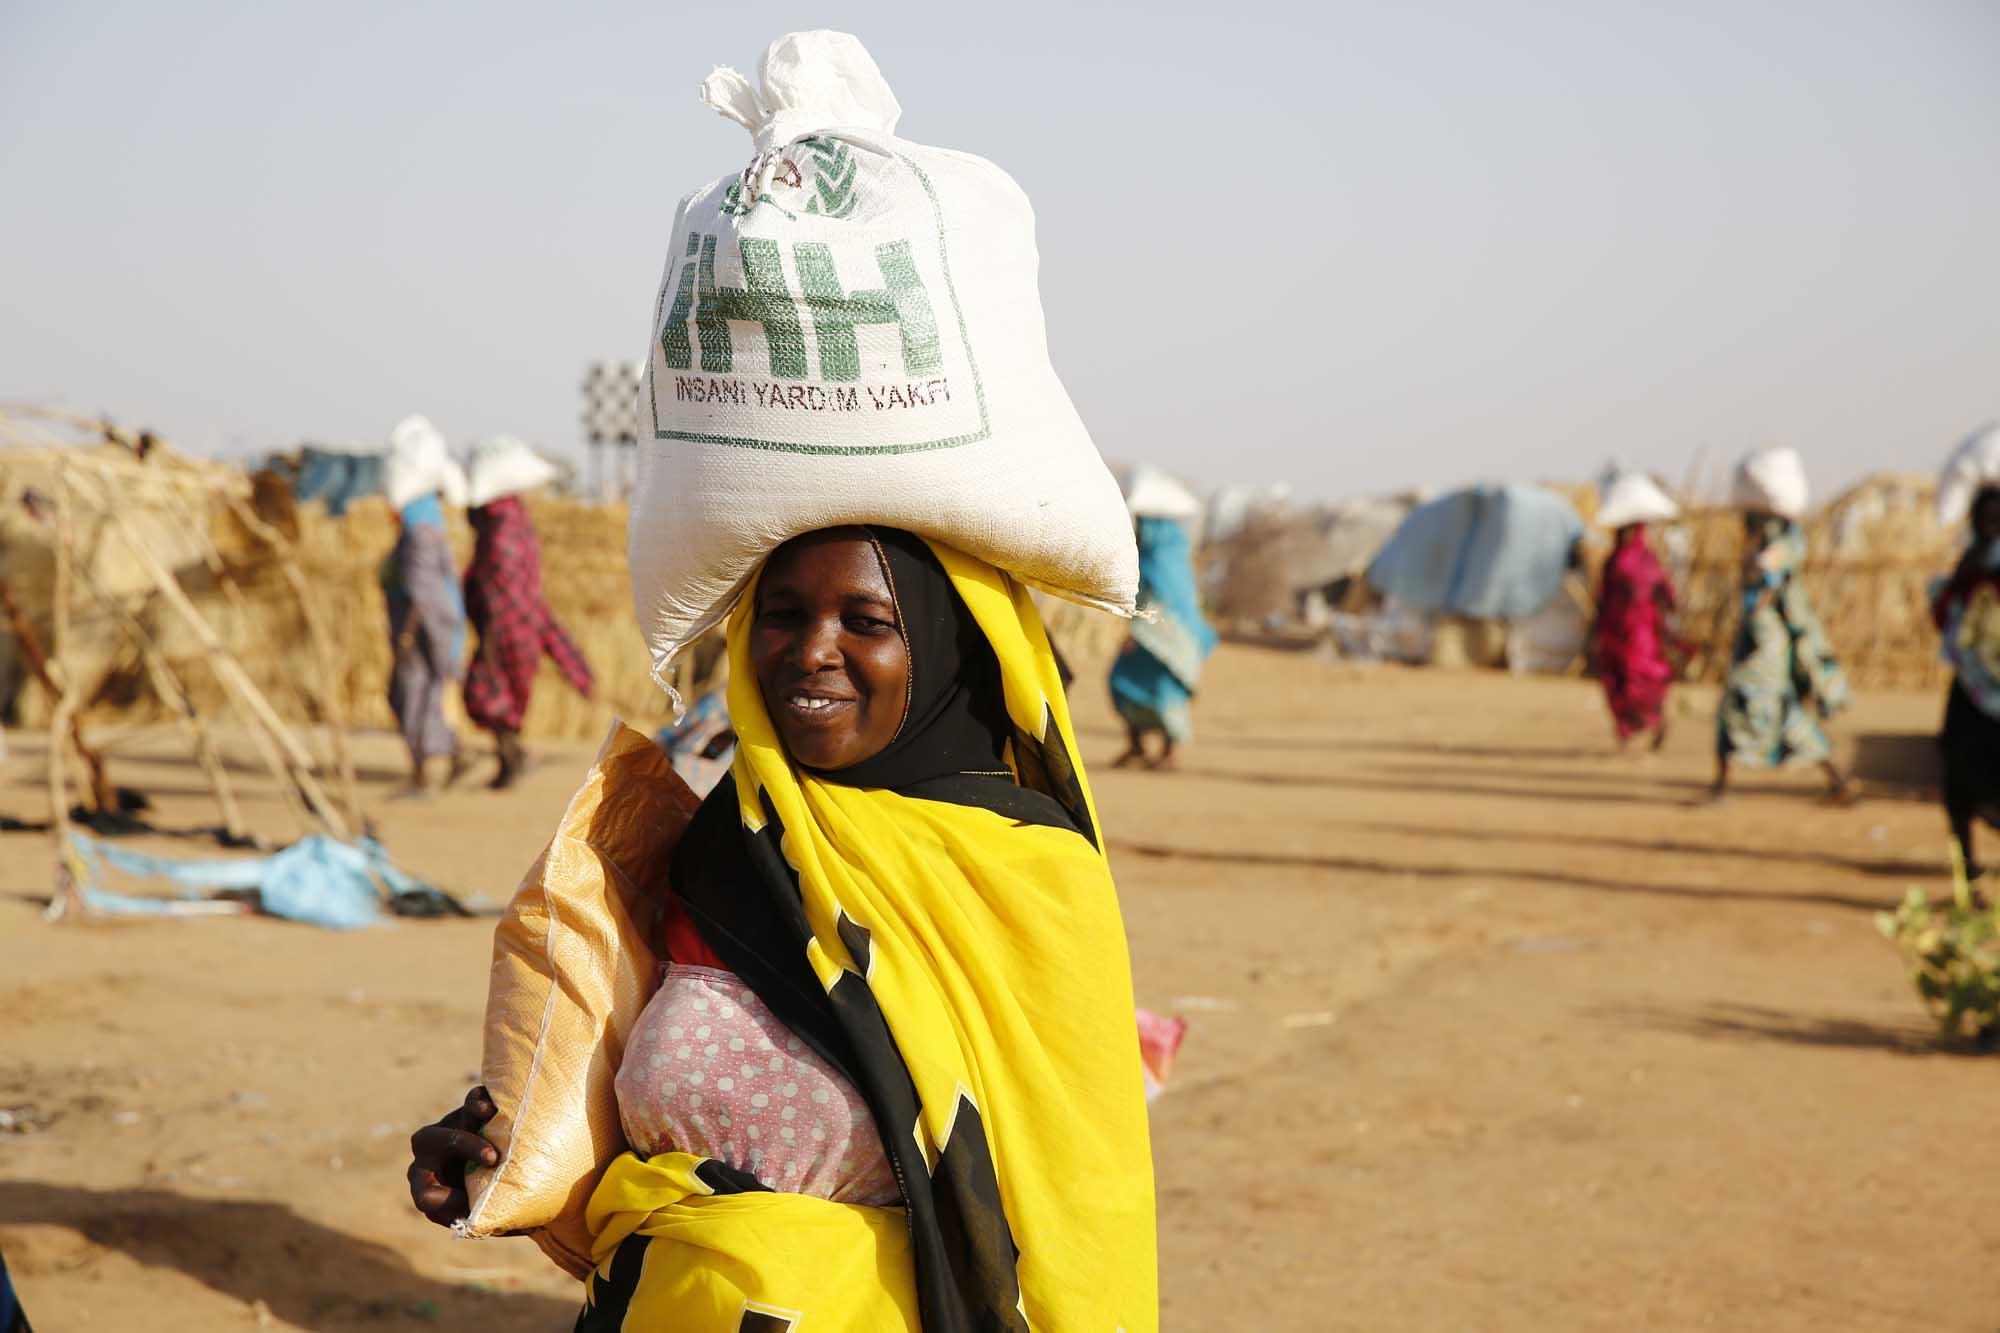 sudan-darfur-kumanya-dagitimi-28.05.2017-24.jpg